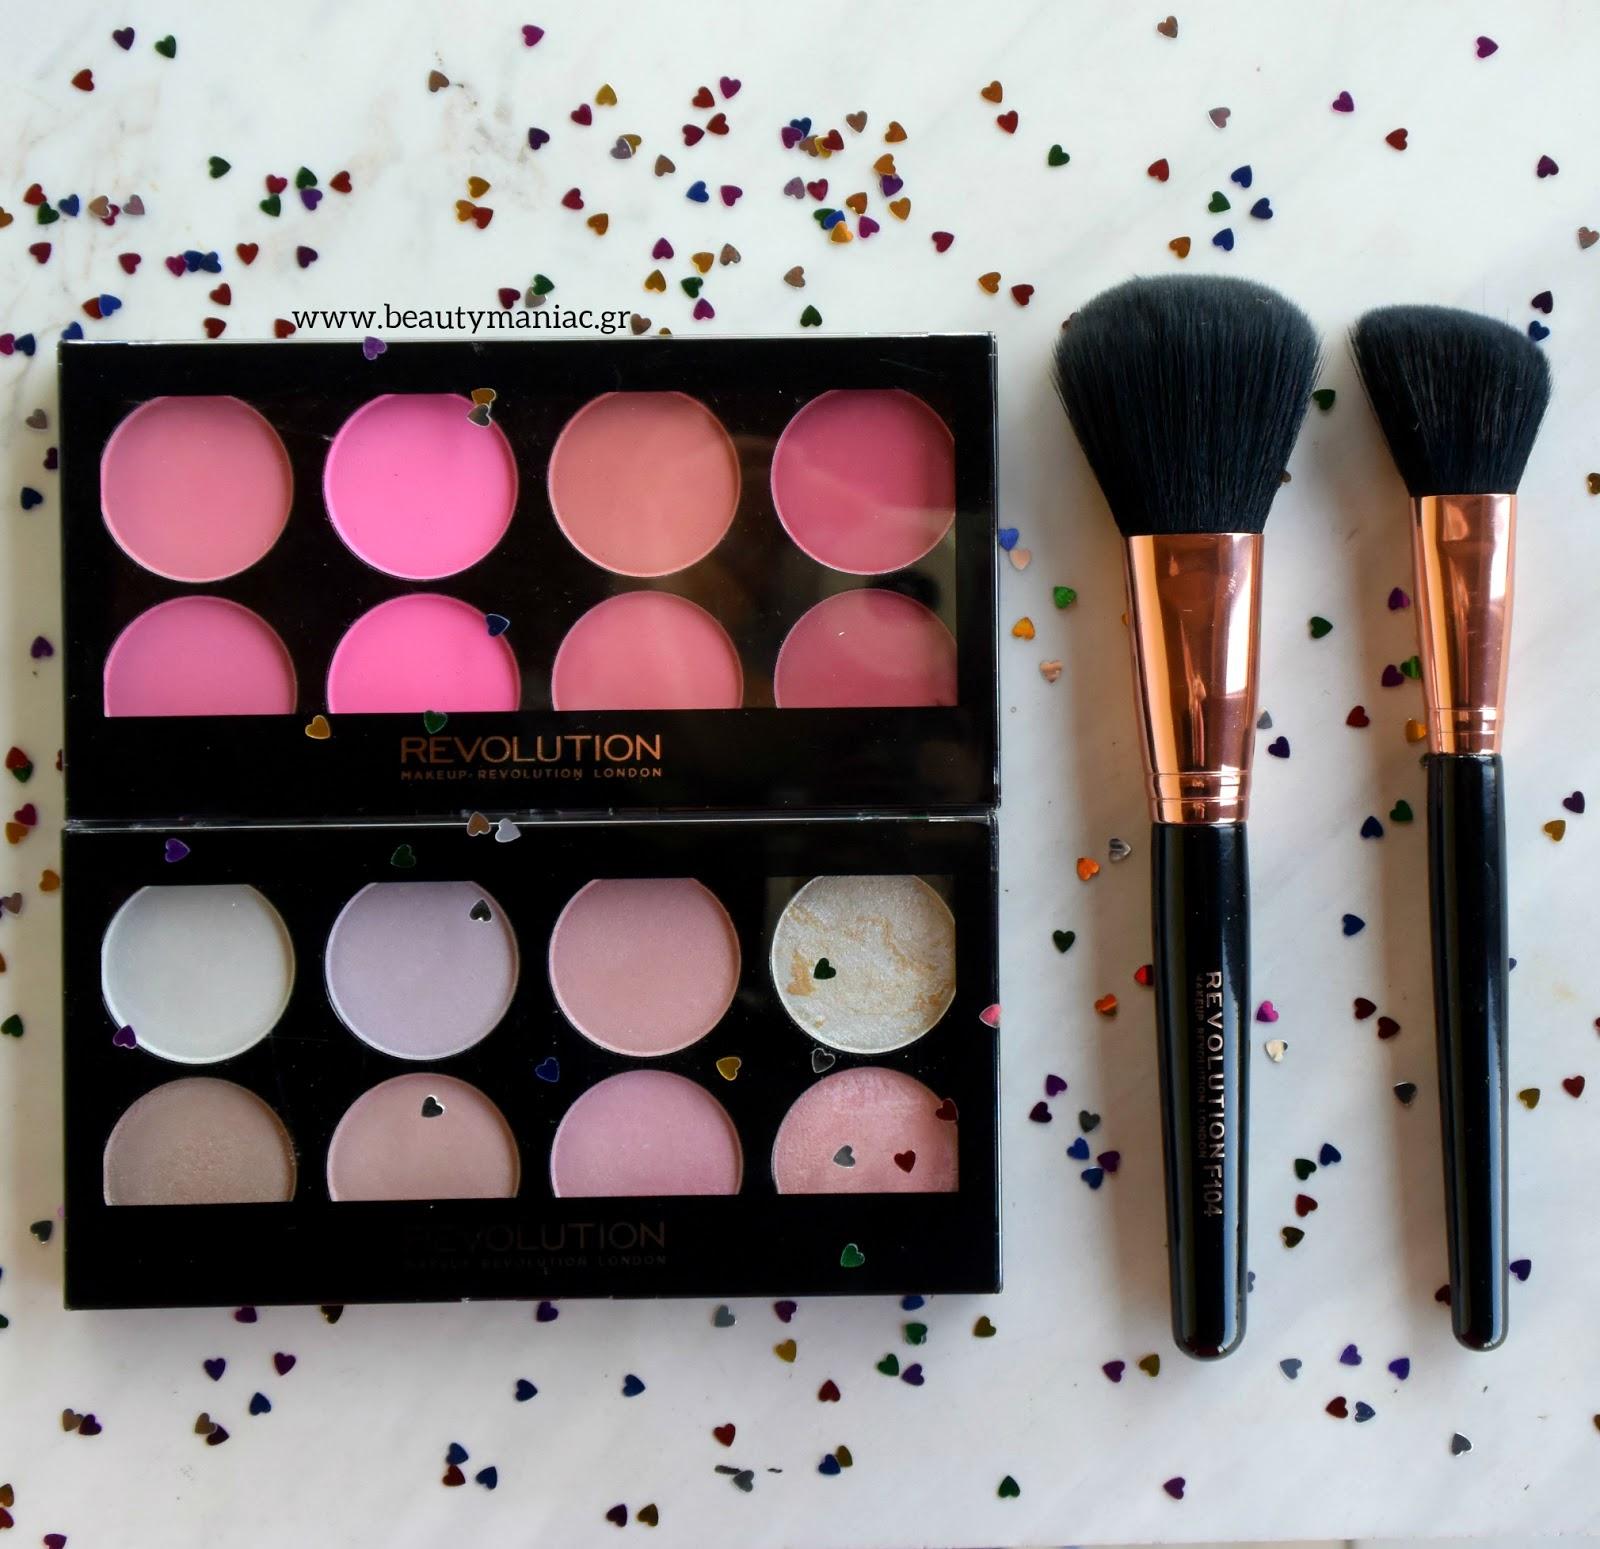 726a8cd6365 Beauty Maniac - Εδώ μιλάμε για ομορφιά!: Makeup Revolution ...